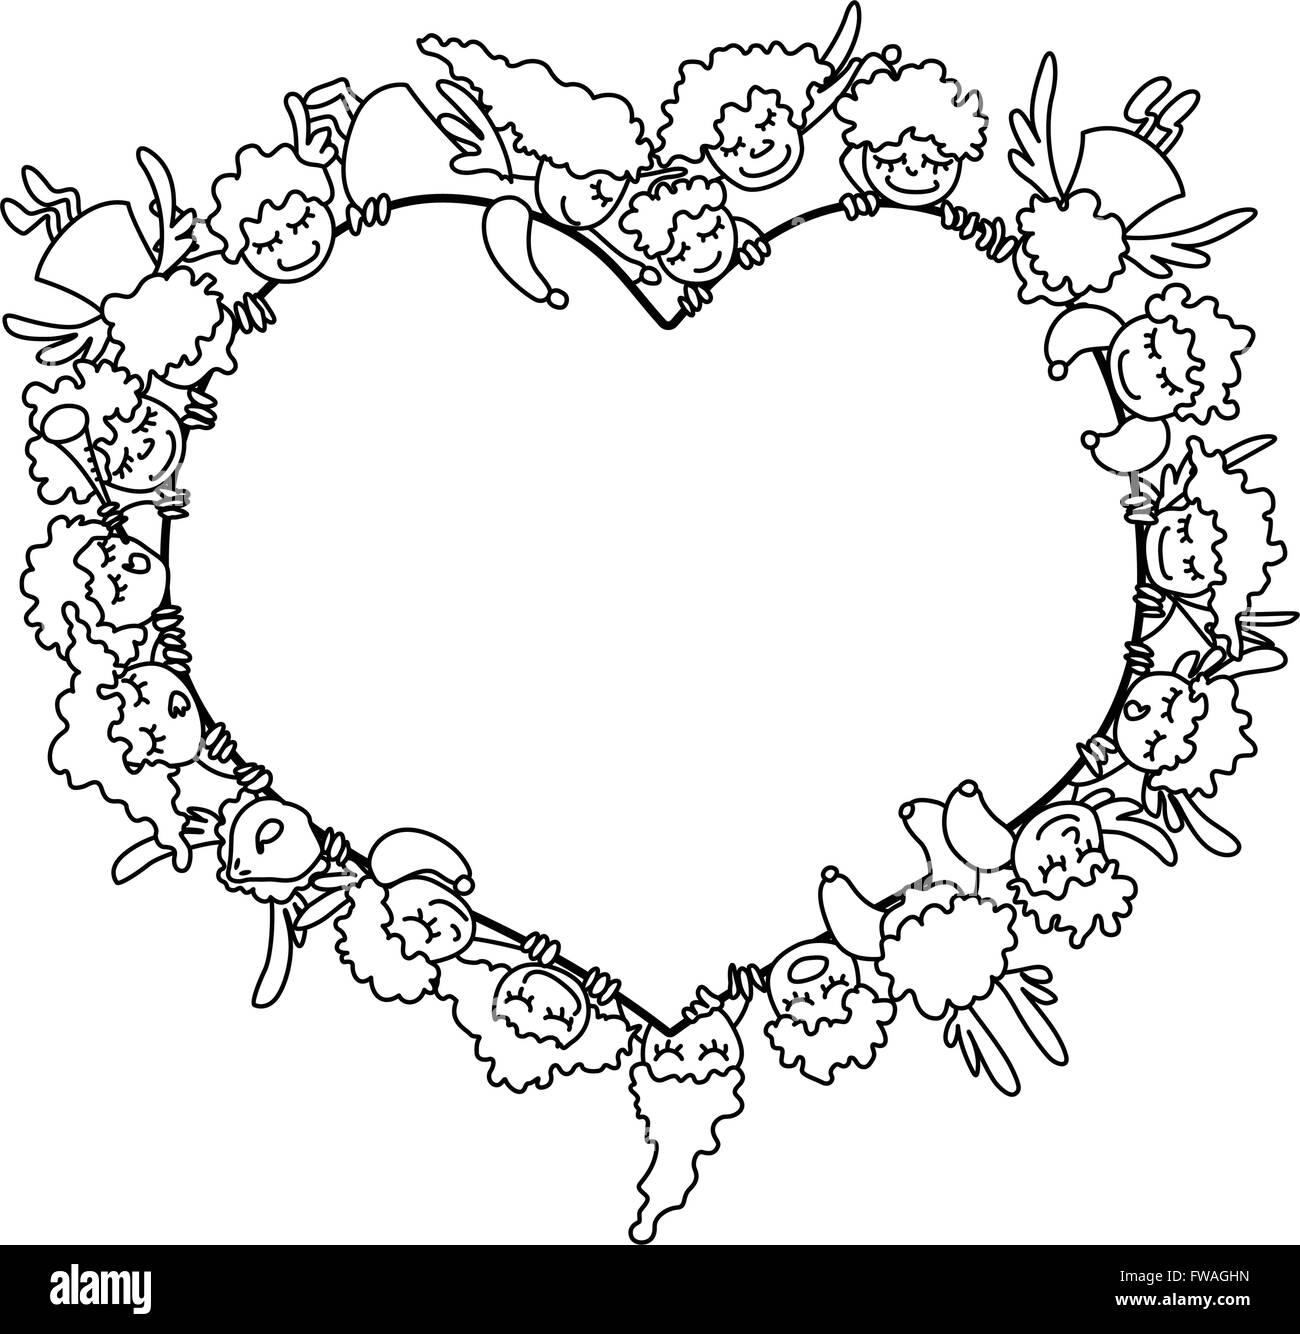 Erfreut Valentinstag Herzen Malvorlagen Galerie - Malvorlagen Ideen ...